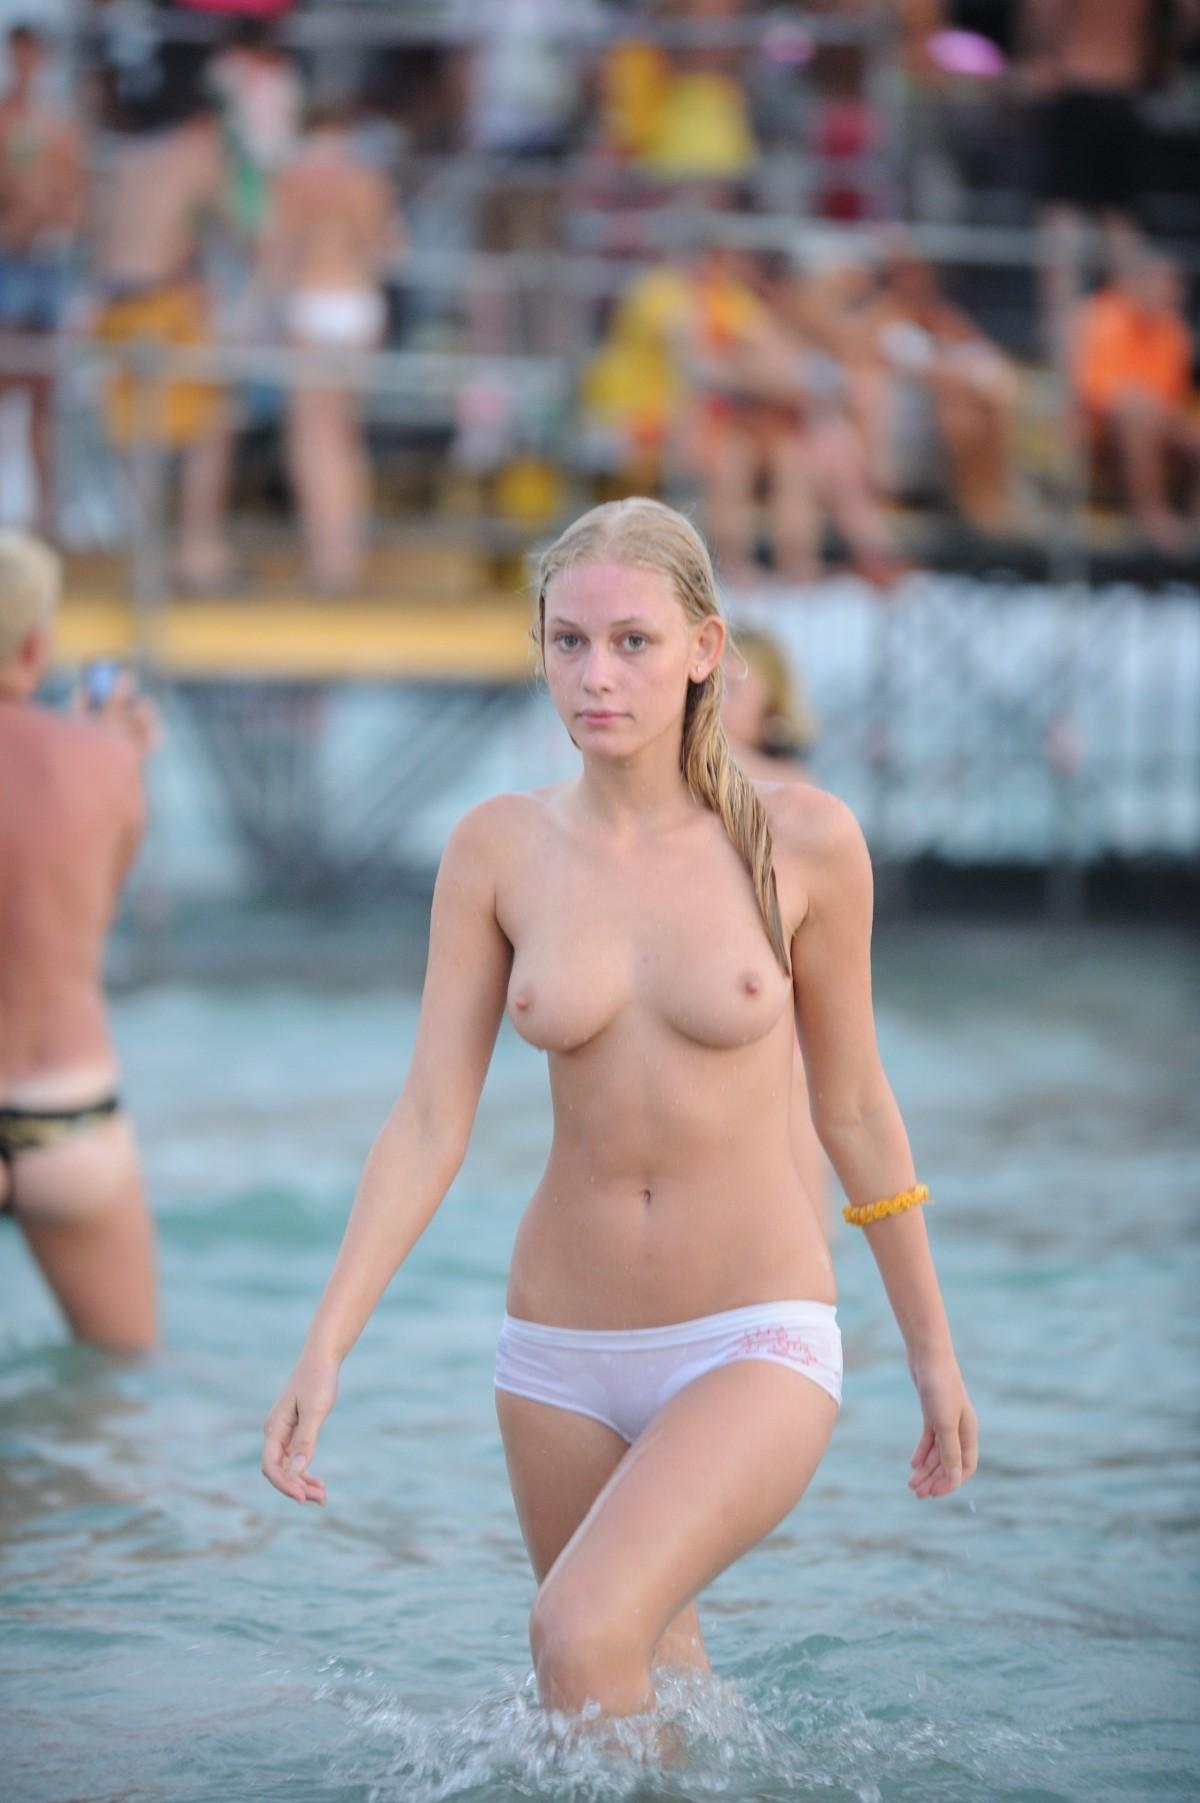 nudists-girls-boobs-beach-topless-mix-vol7-14